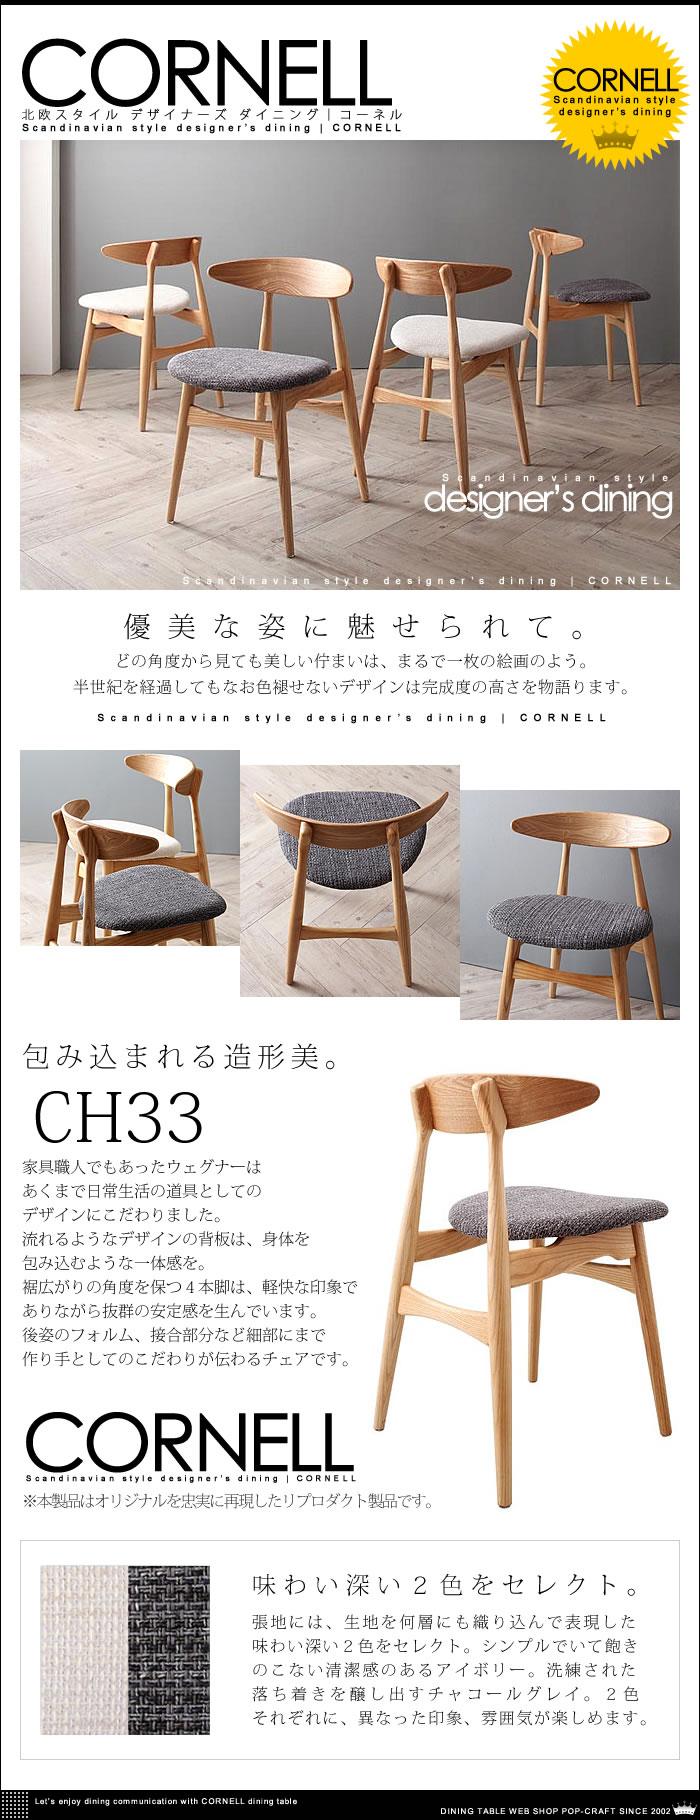 デザイナーズ家具の優美な姿に魅せられて